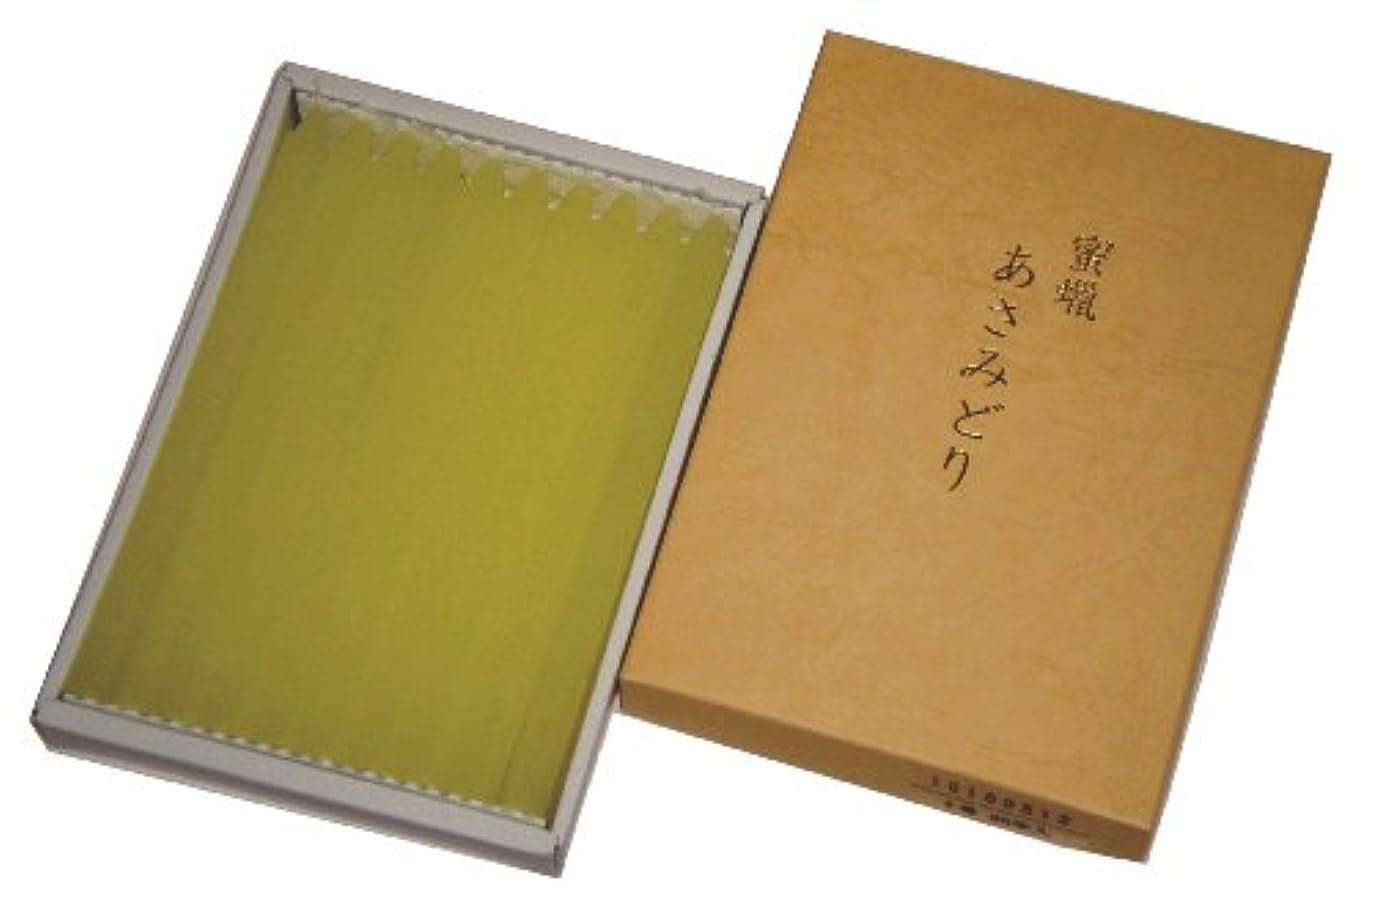 錆びエアコン大学生鳥居のローソク 蜜蝋 あさみどり 3号20本入り 印刷箱 #100512